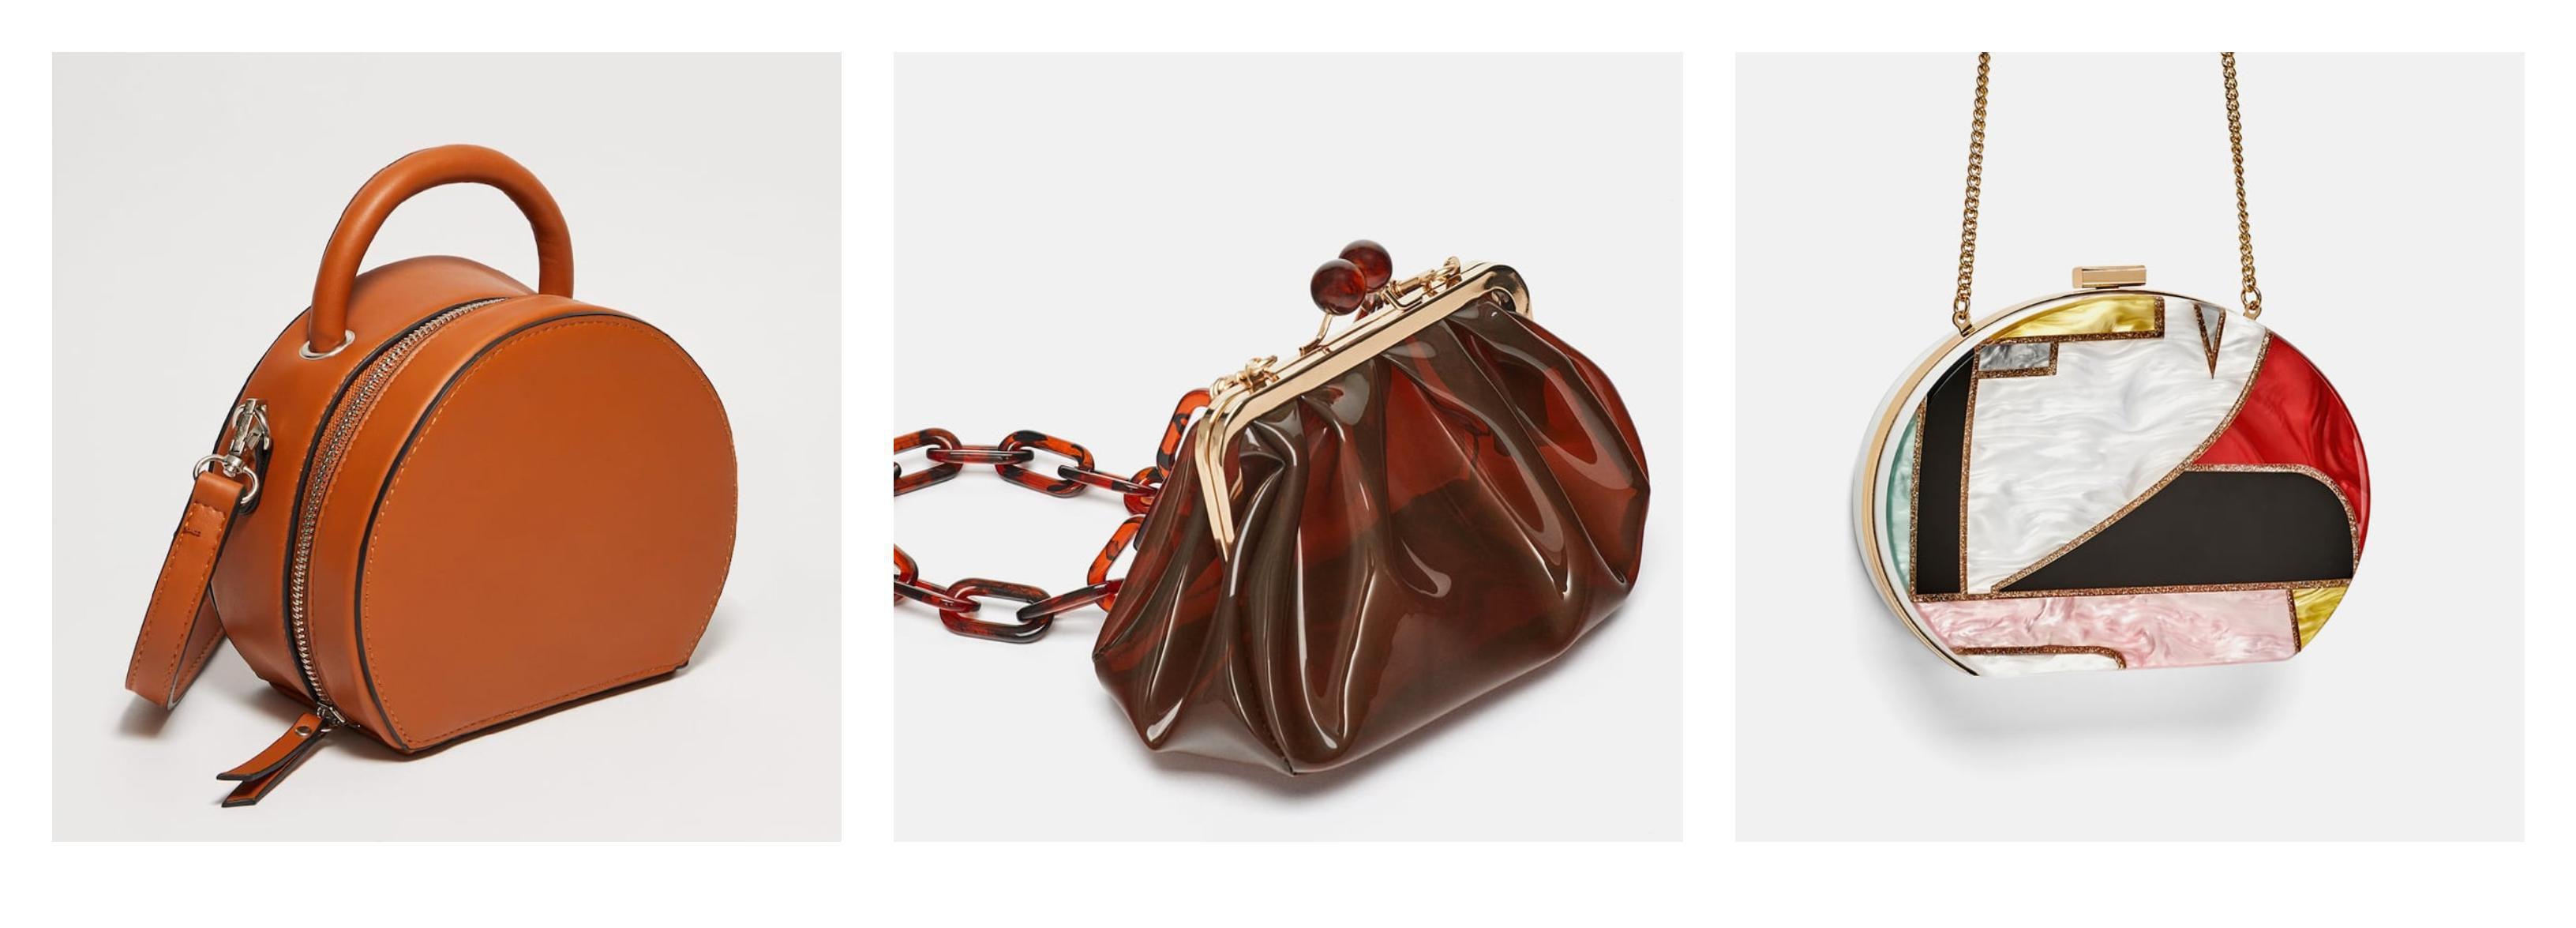 Malo nepraktične, ali jako cool: Izabrali smo odlične torbe iz high street ponude